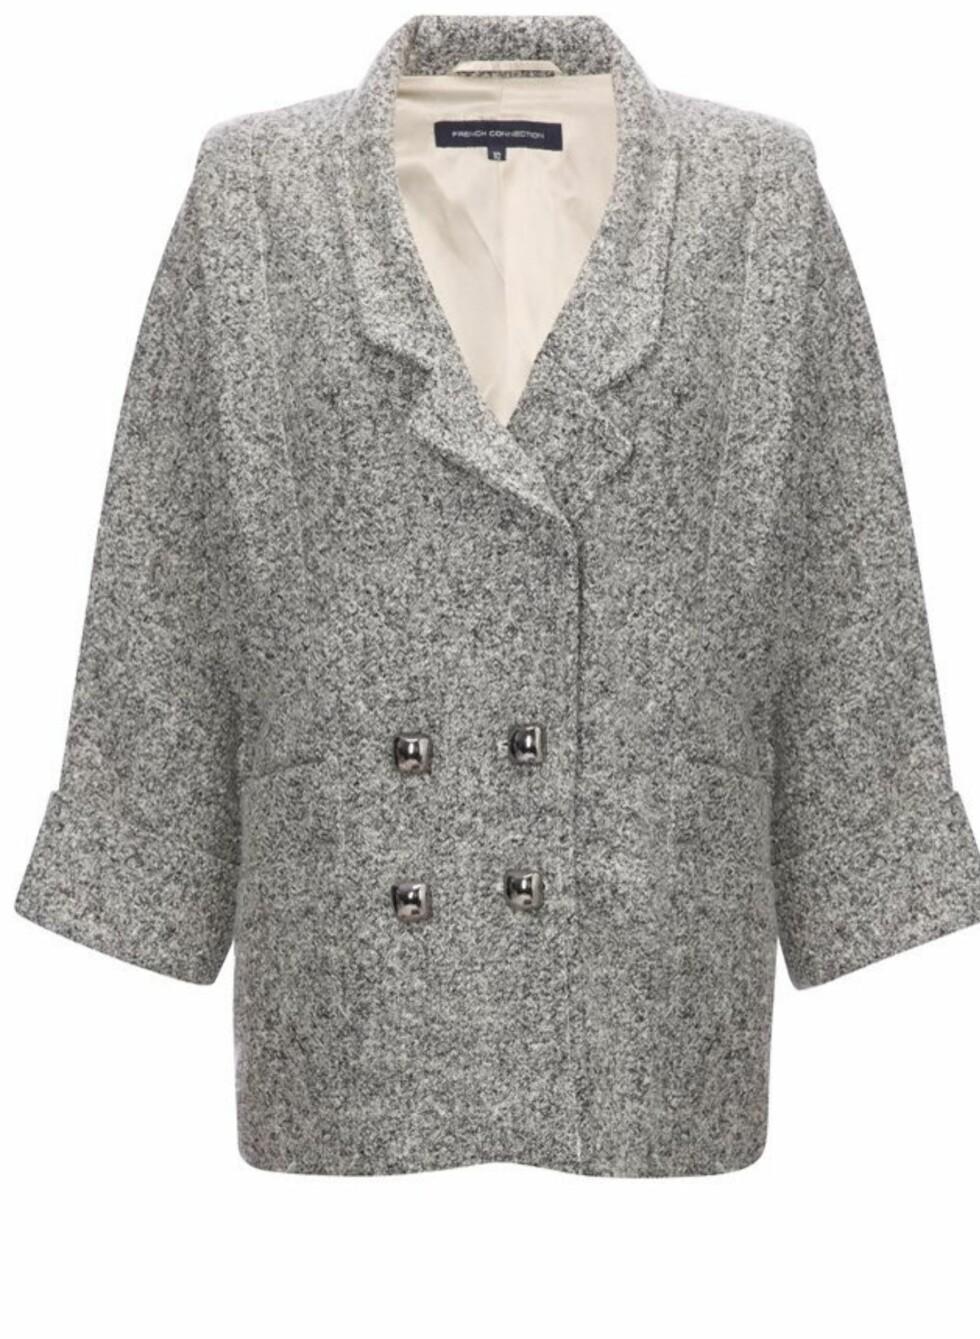 50-tallsinspirert jakke i polyester, ull og aviskose (ca 1465 kr, Fcuk.com).